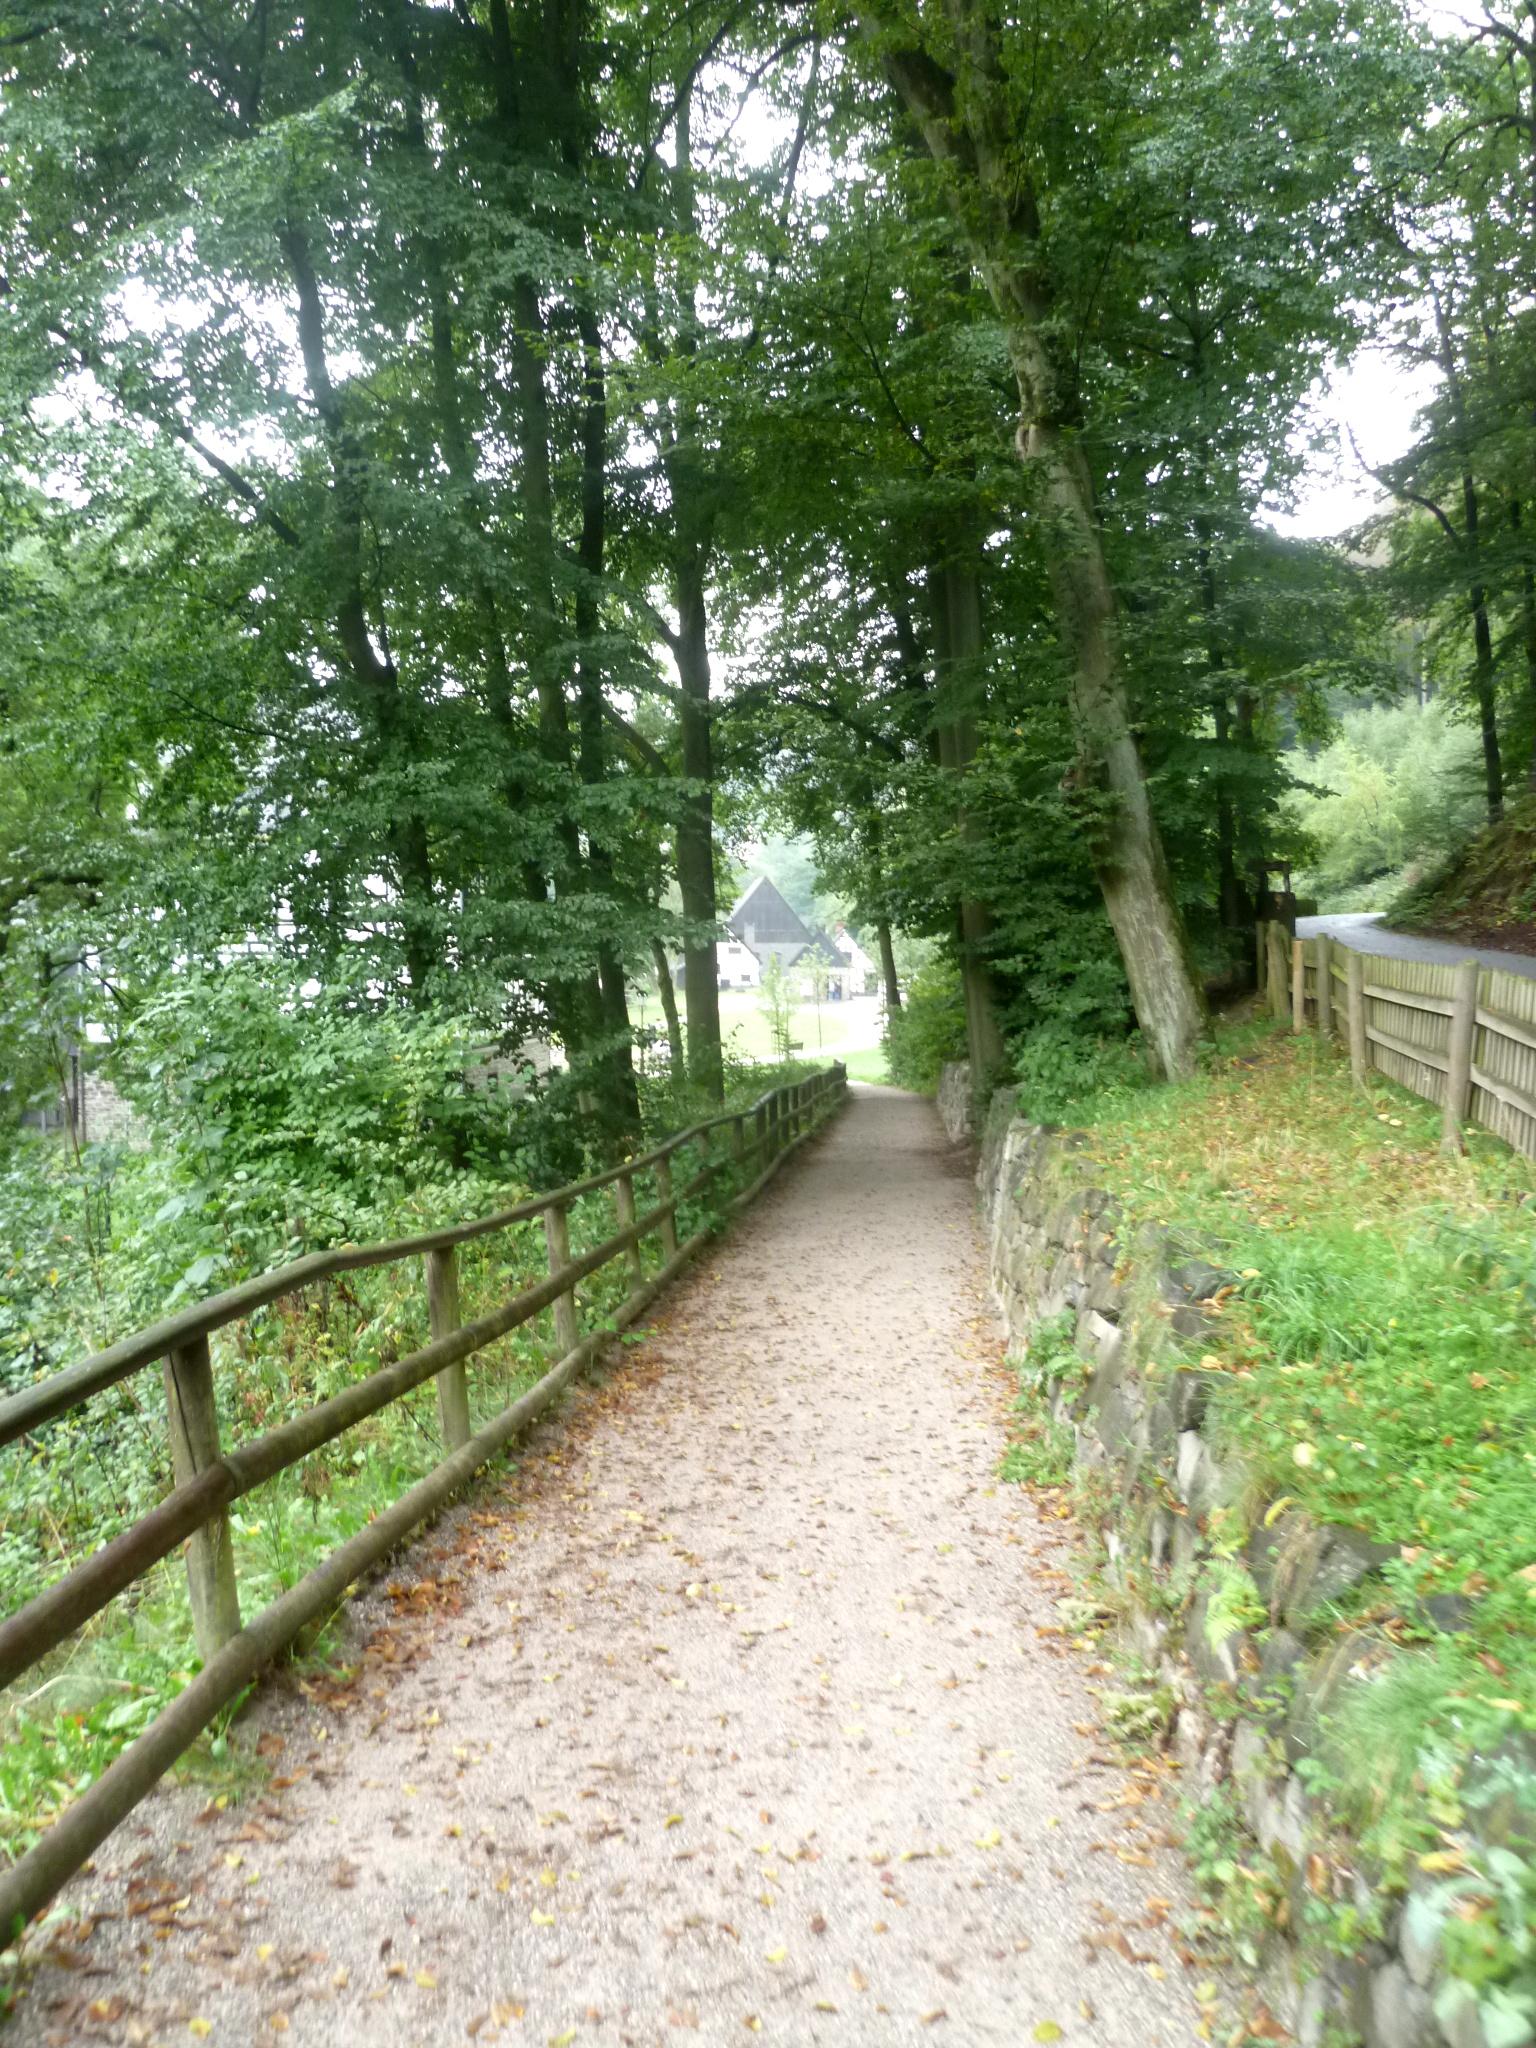 Ein Sandweg zwischen grünen Bäumen und Büschen.